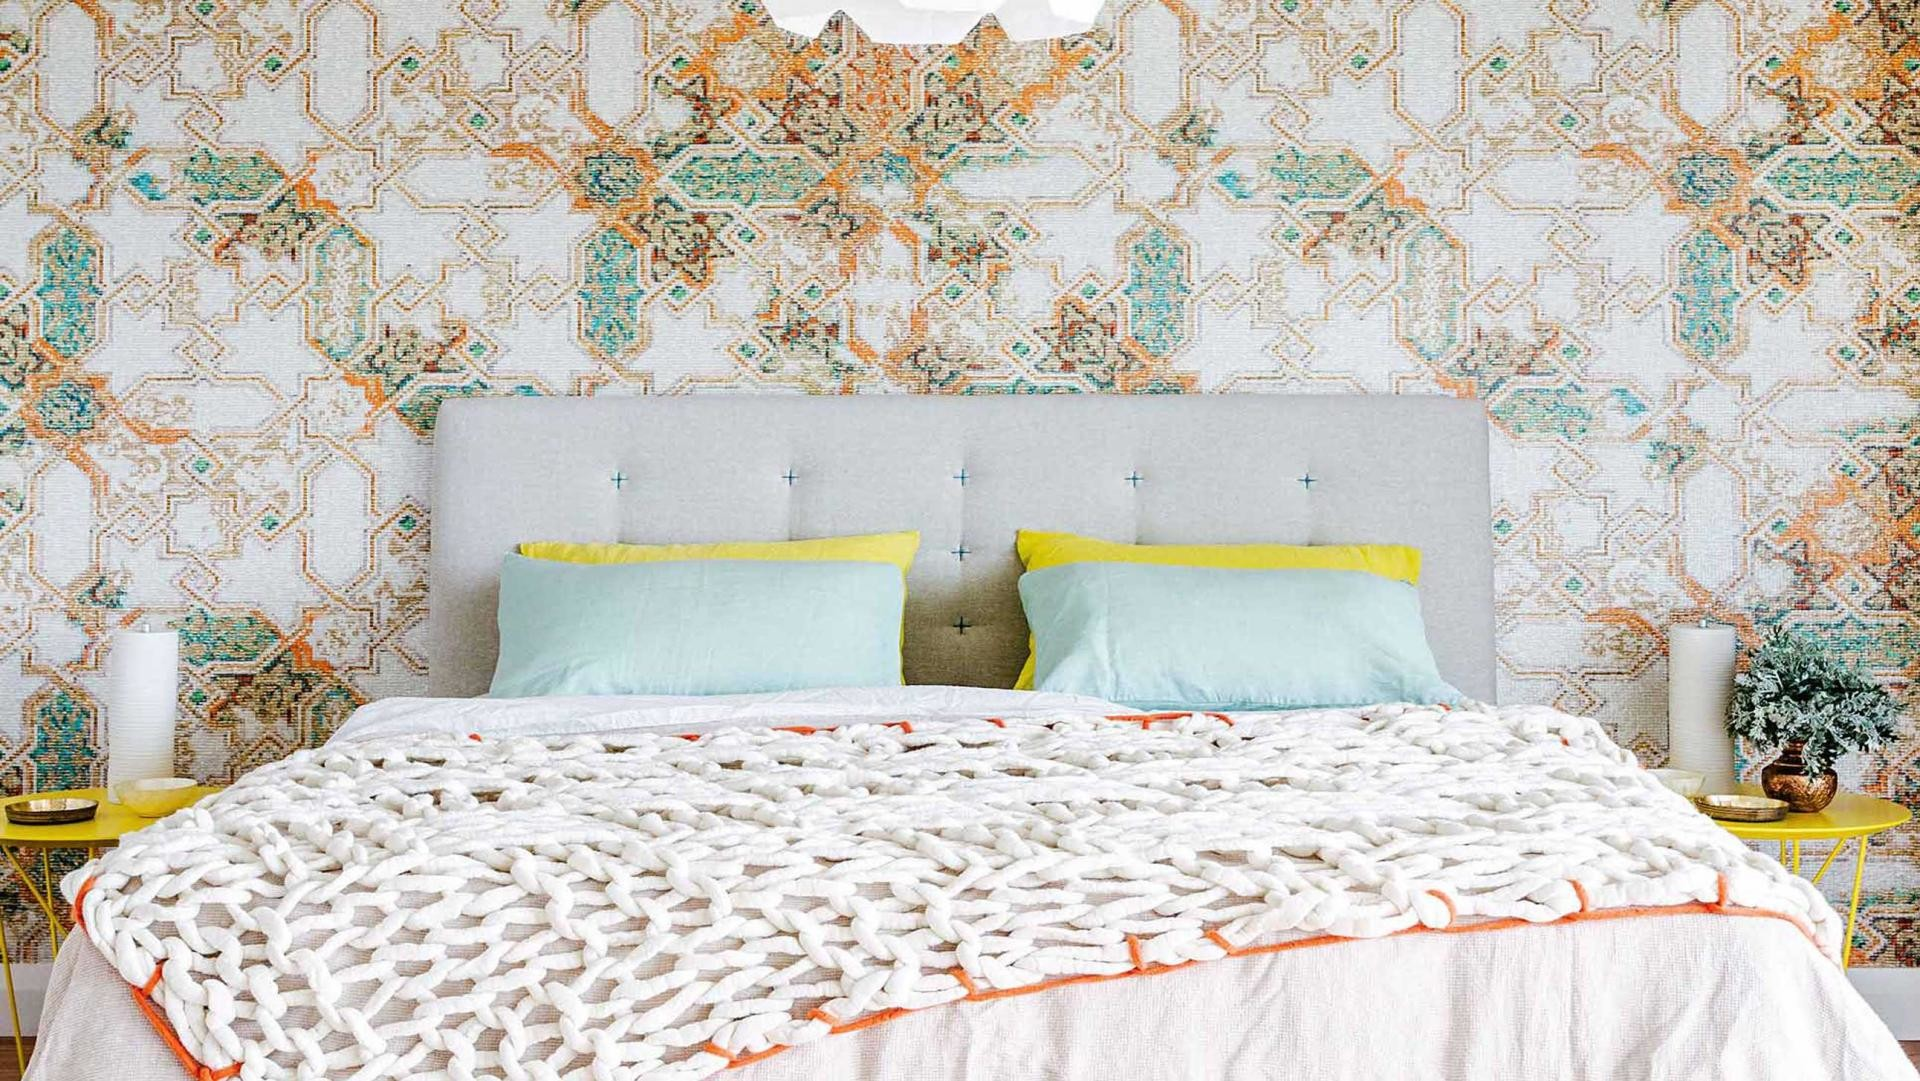 wallpaper-graphic-bedroom-apr15